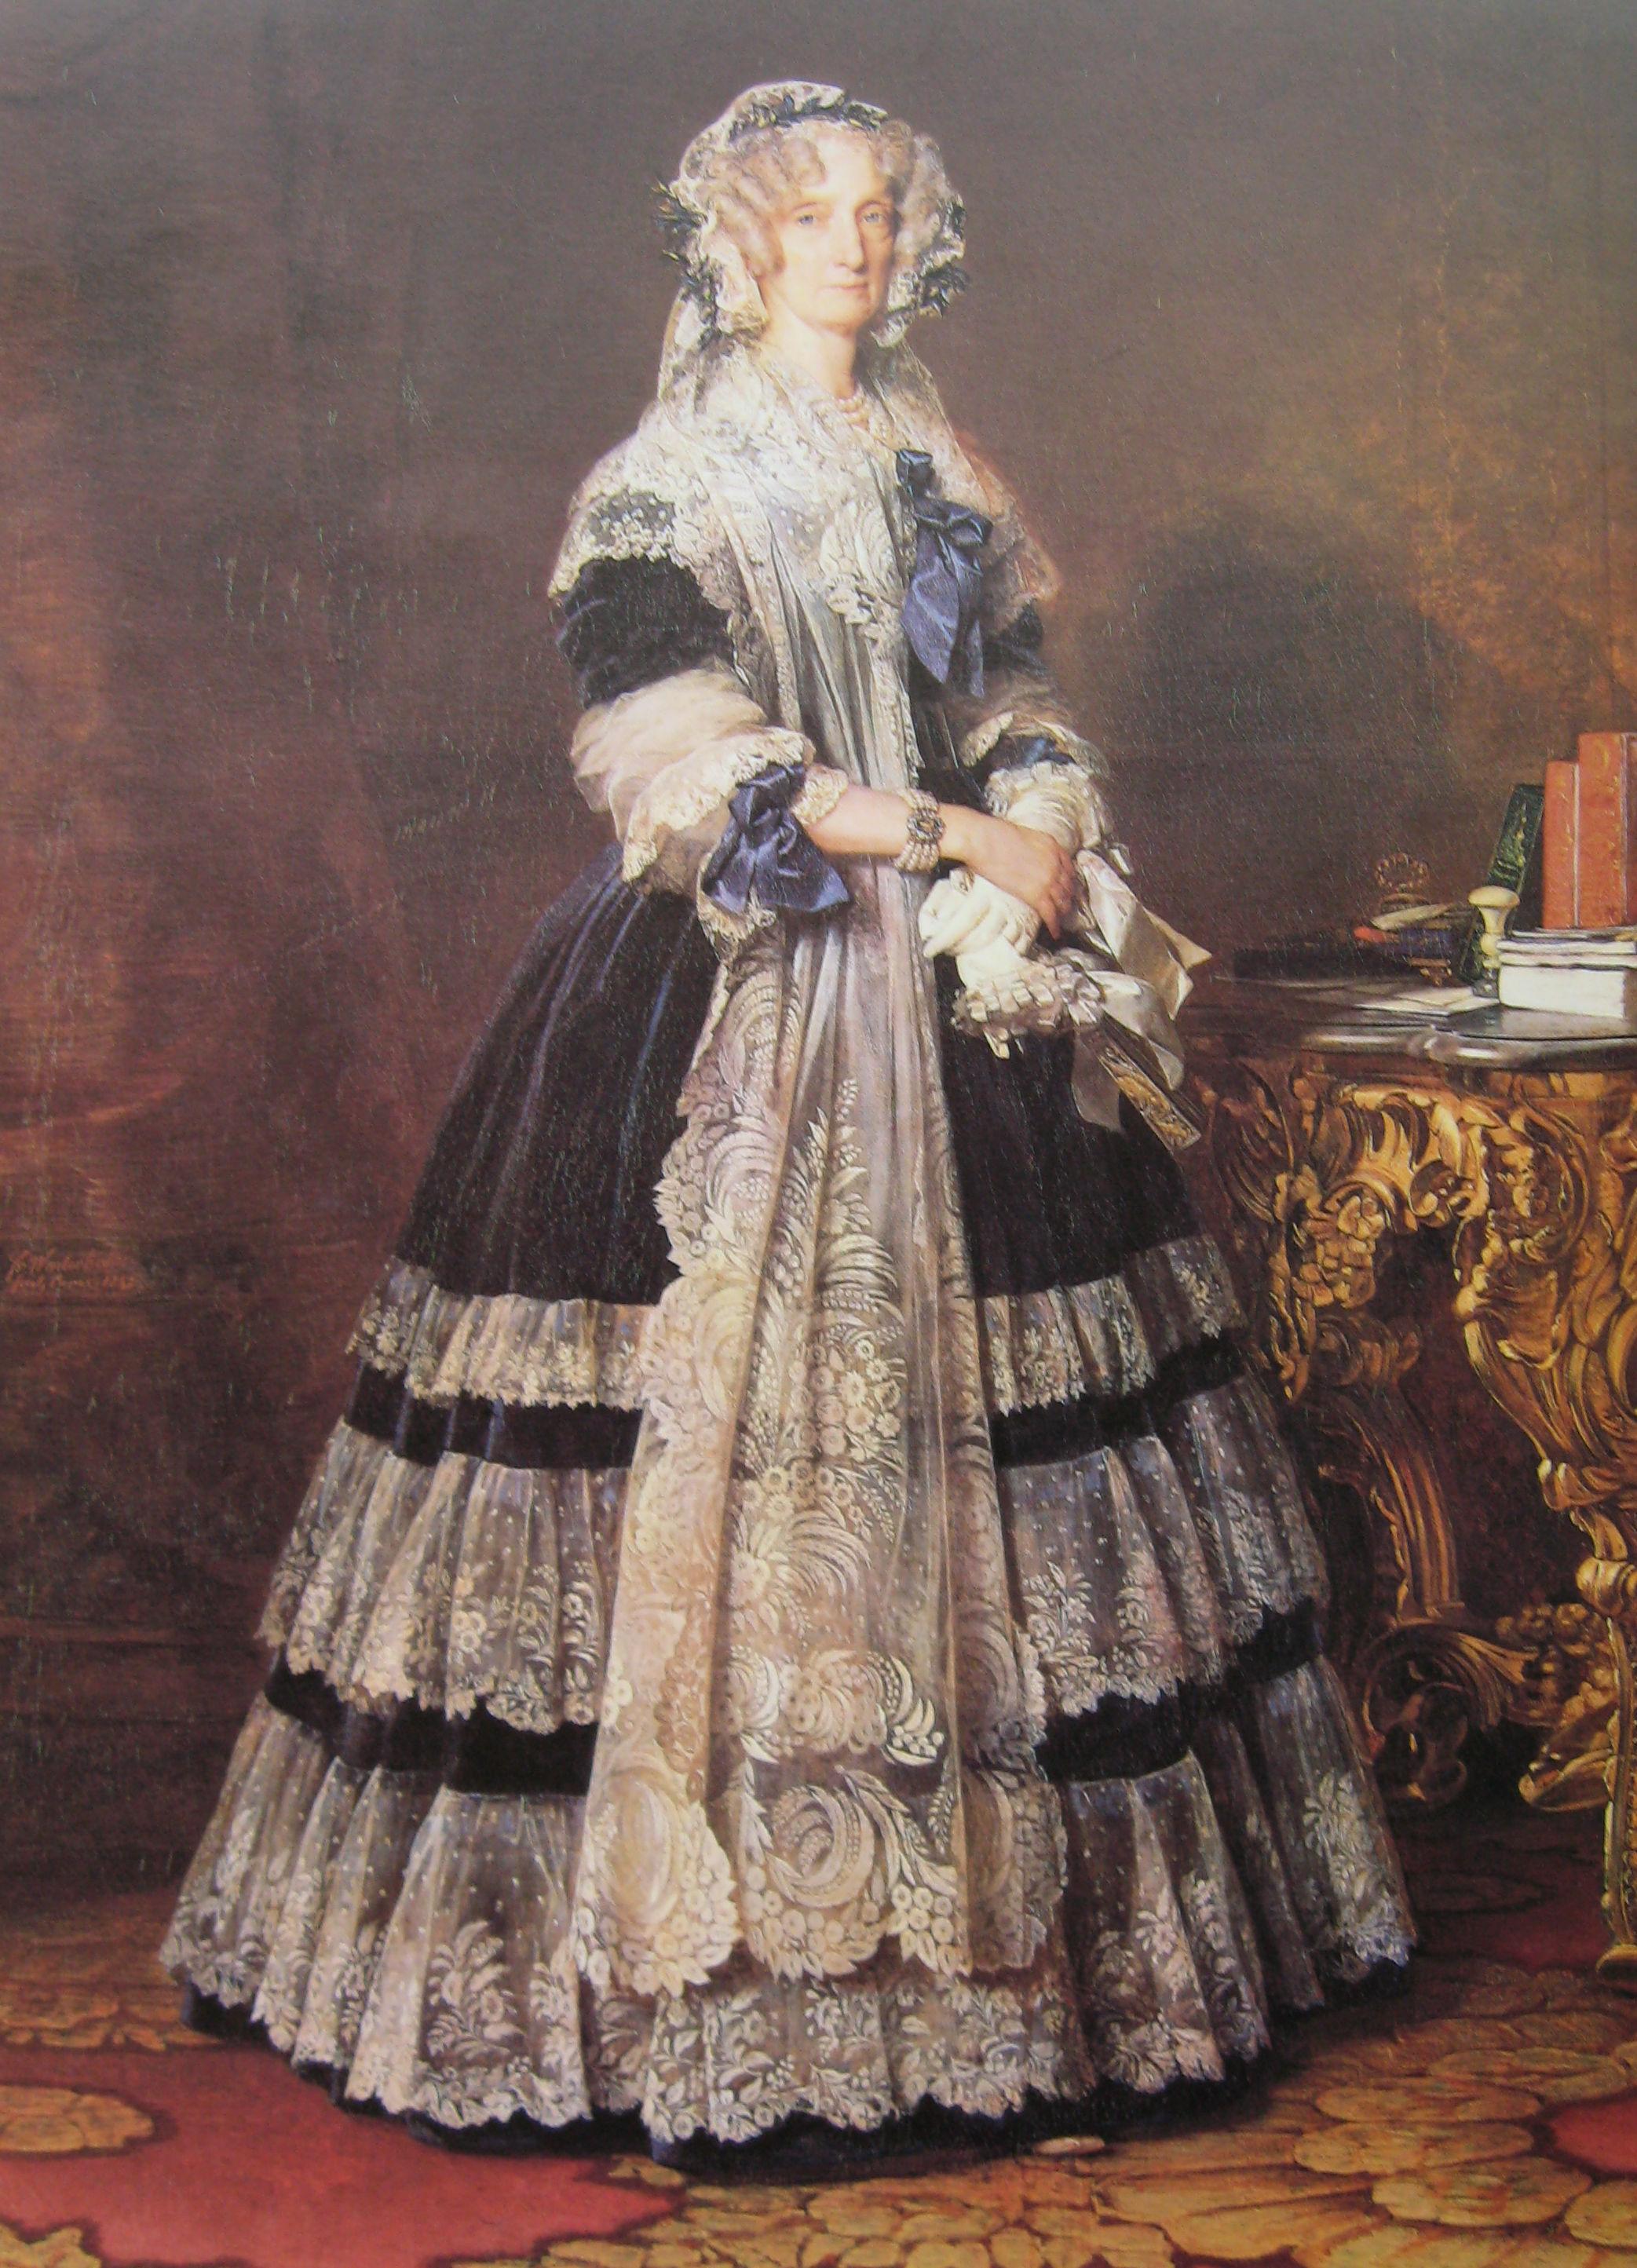 マリー・アメリー・ド・ブルボン(1782年 , 1866年)  ルイ・フィリップの妃絹のブロンドレースの衣装を着ている。1840年の典型的な白い花のデザイン。